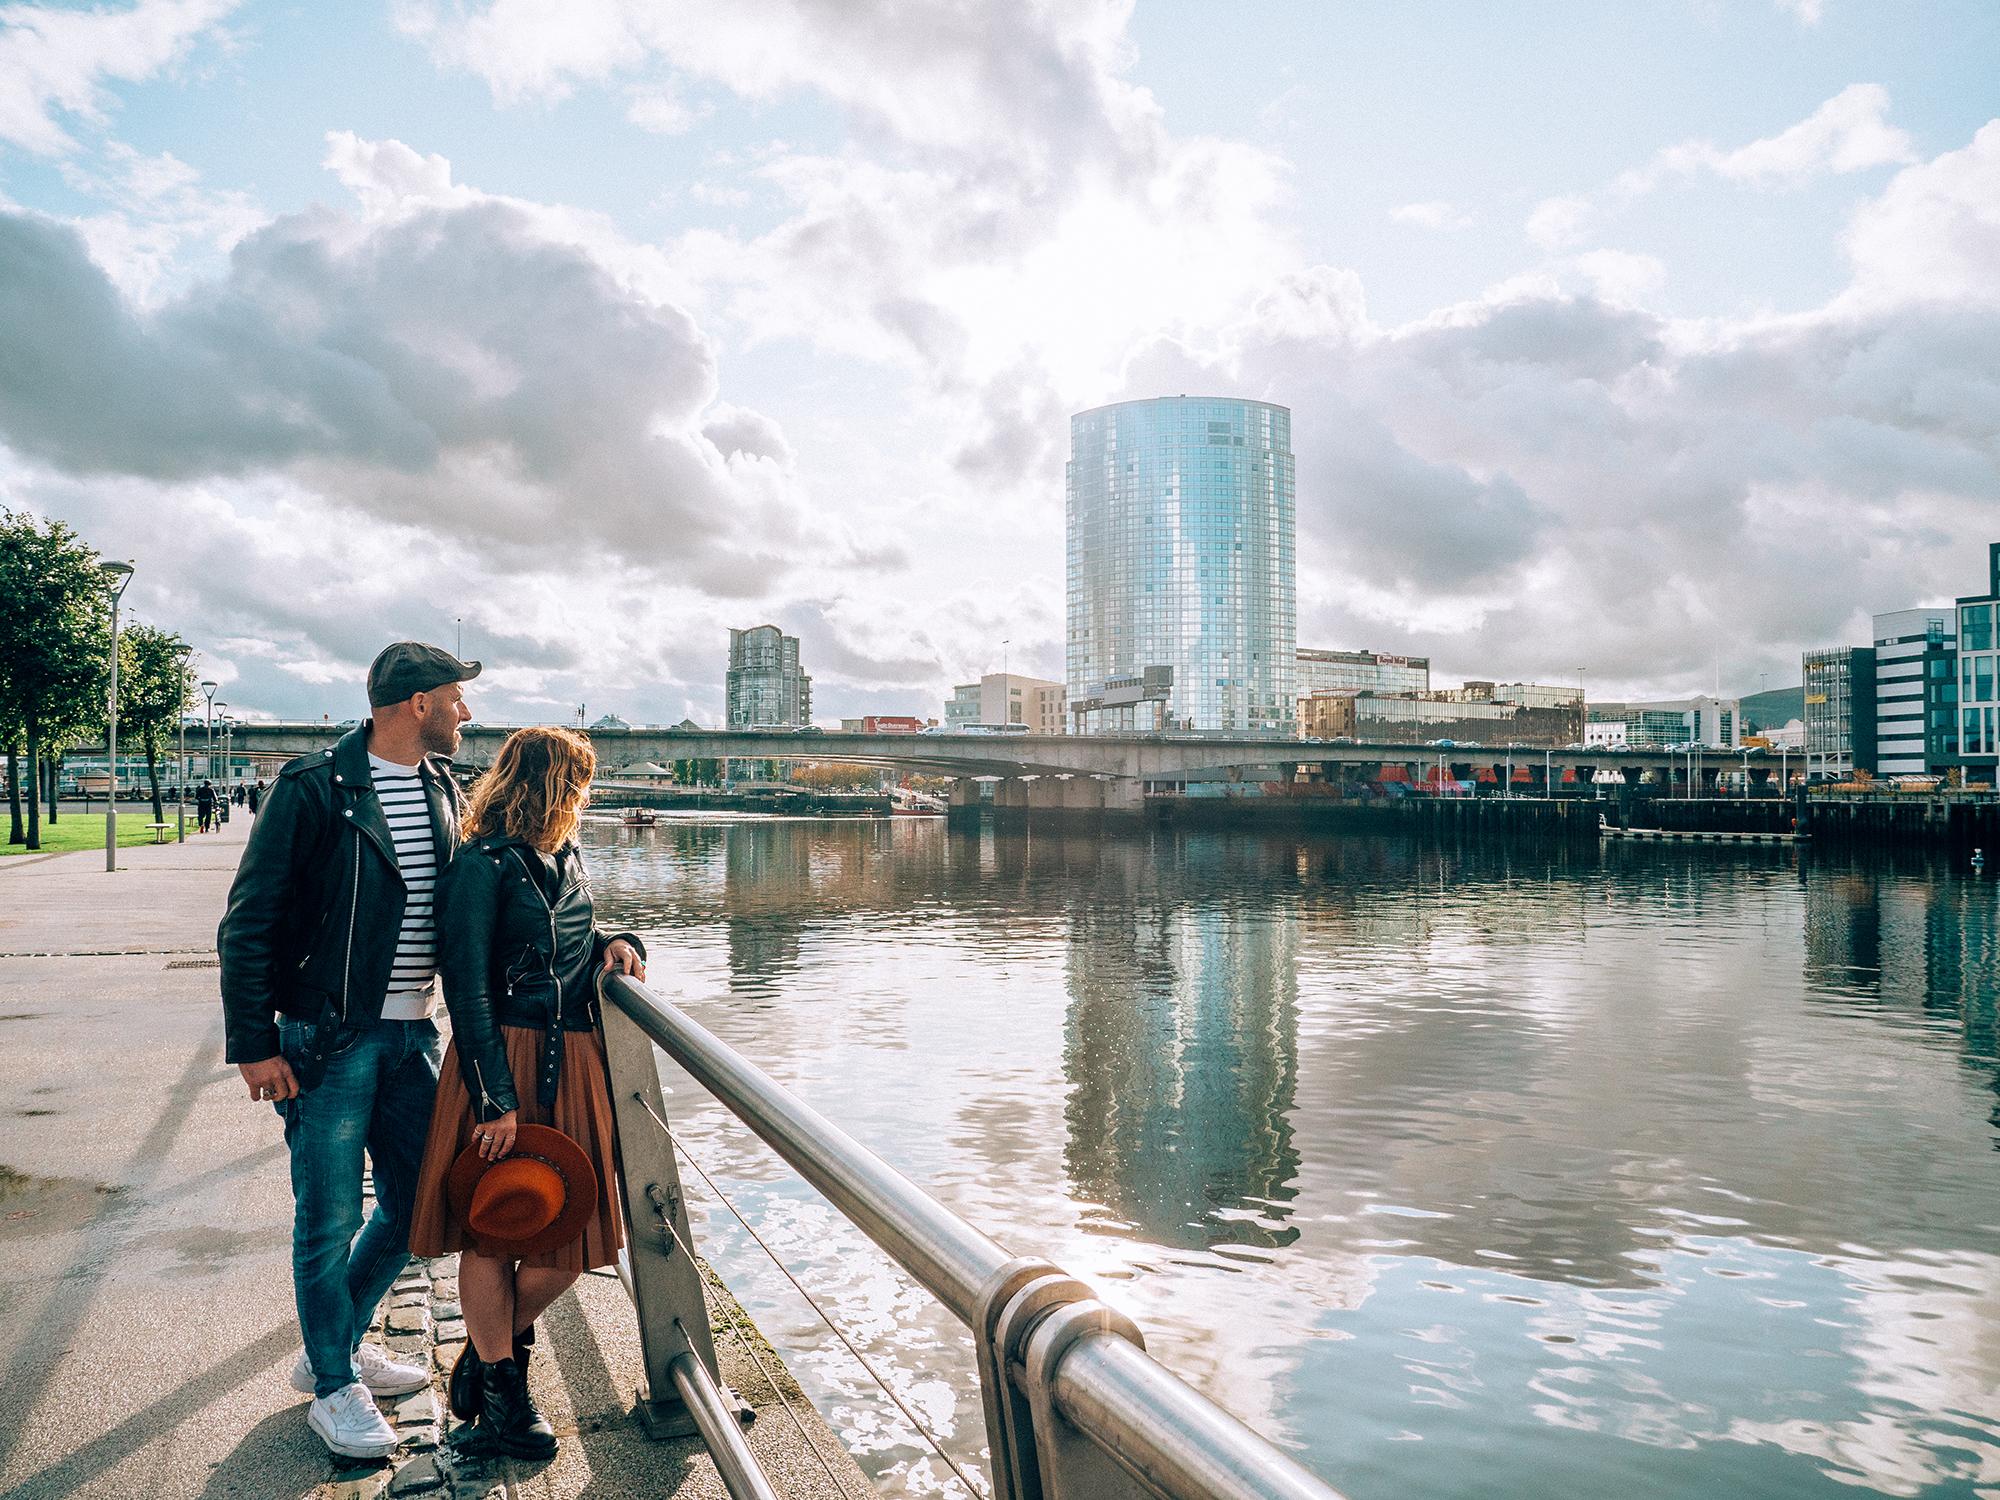 Incontri a Belfast Irlanda del Nord Dating online per 50 e più anziani